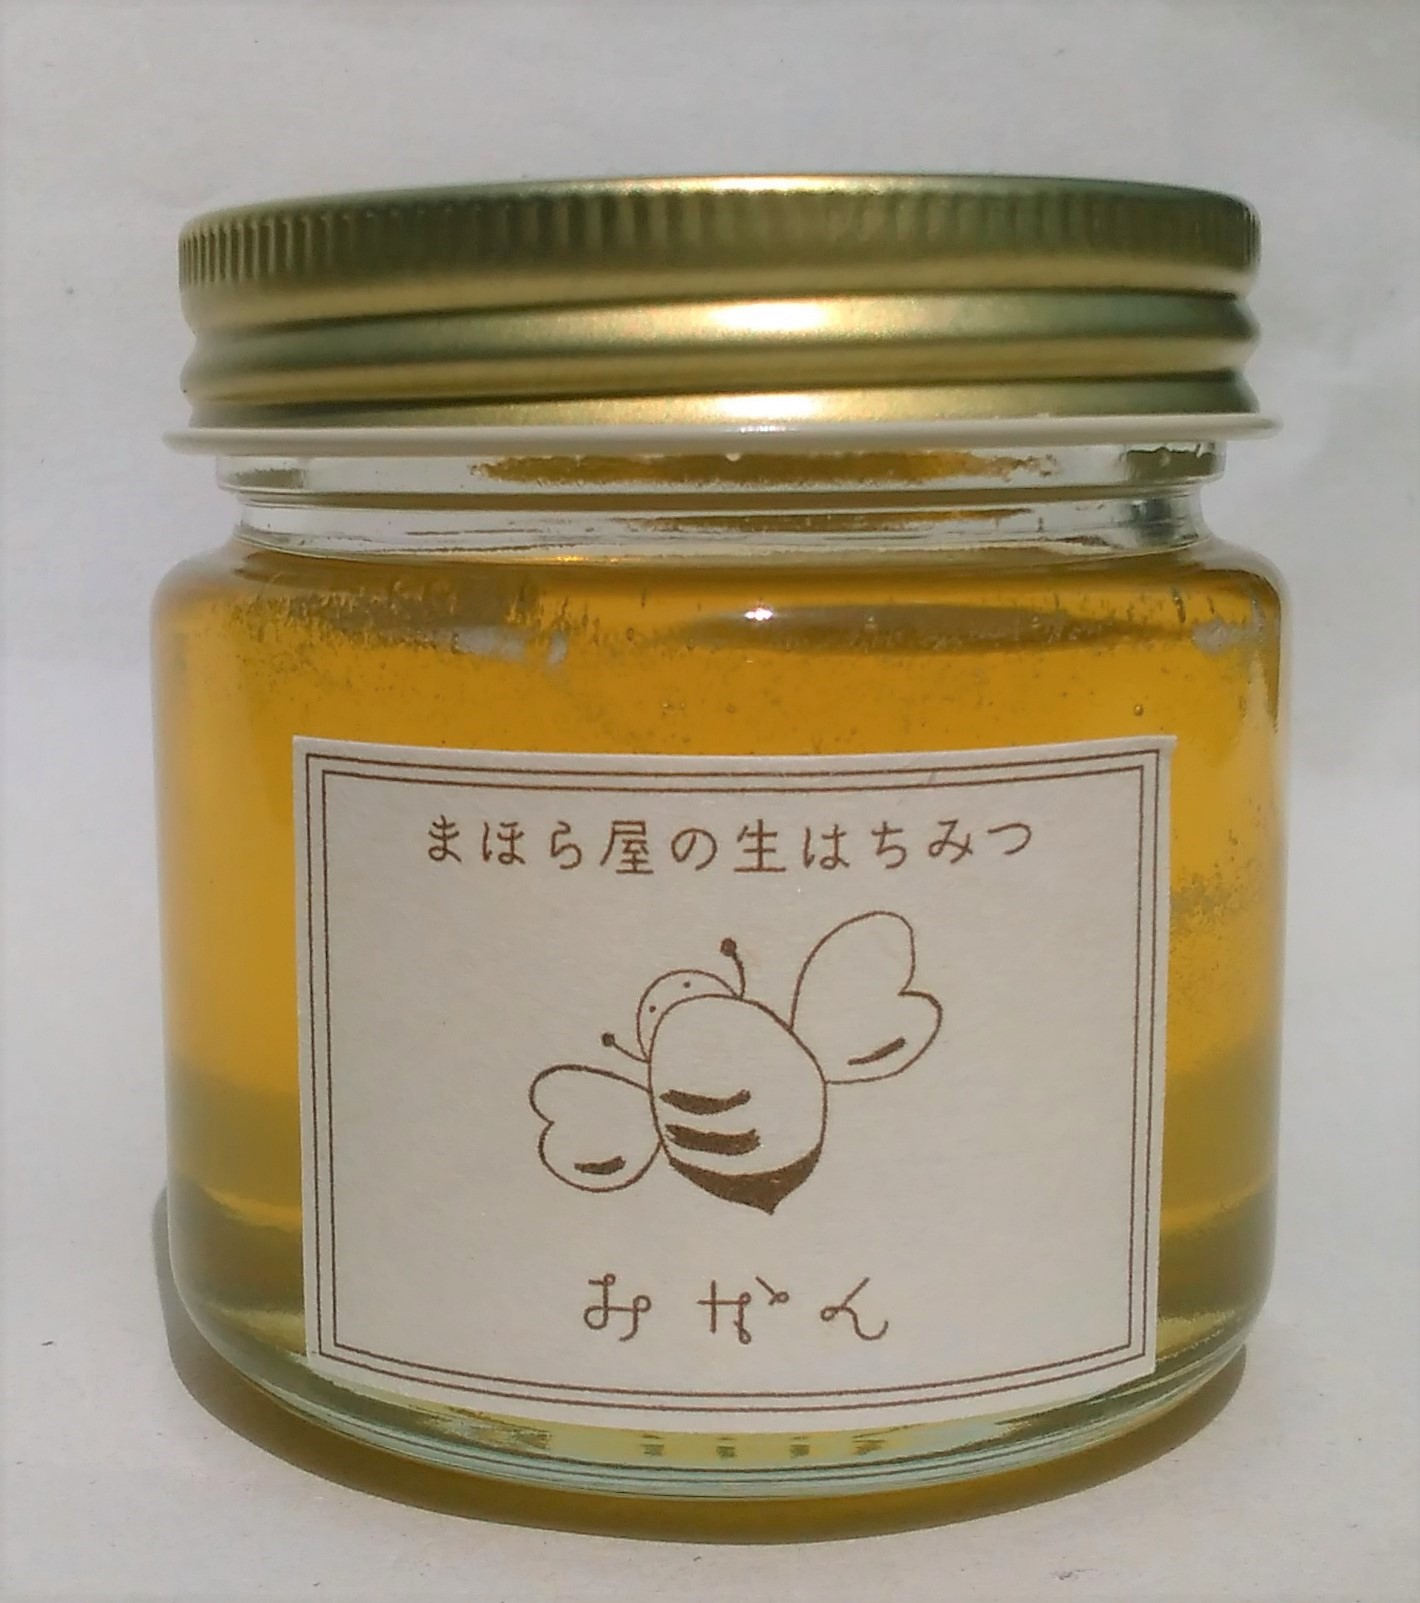 湯河原産みかん蜂蜜(結晶蜂蜜)150g画像